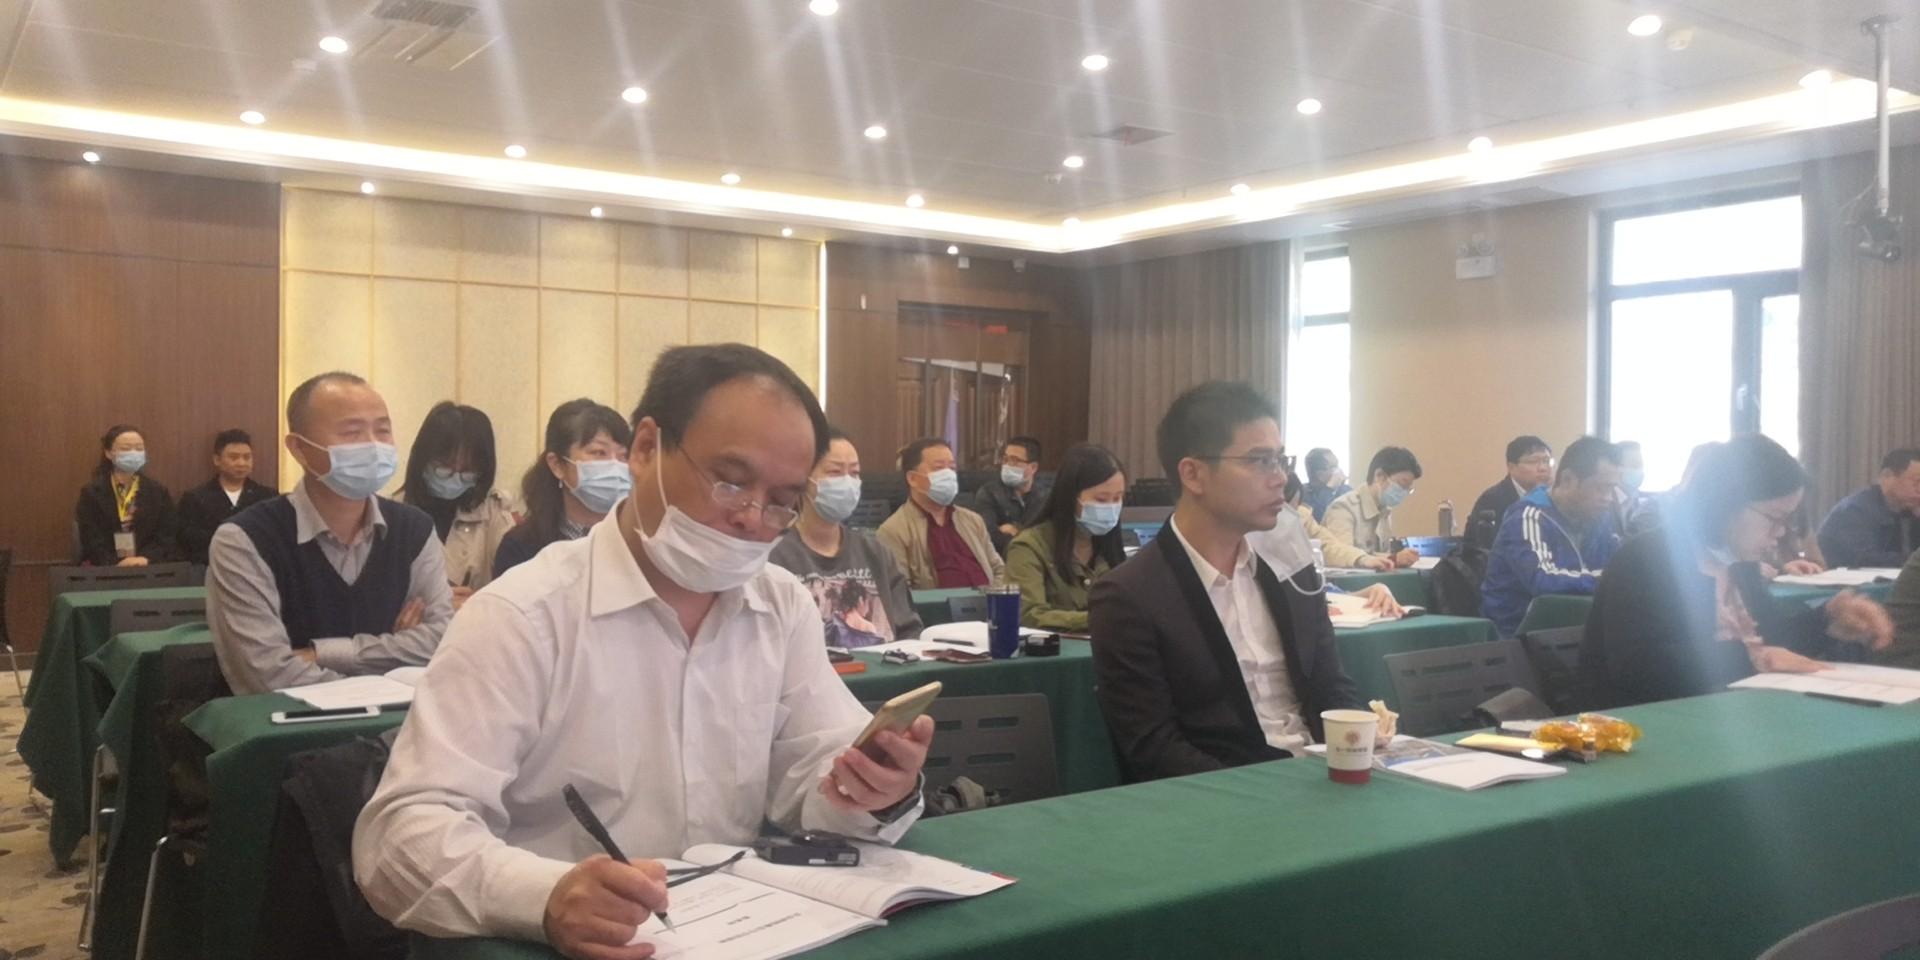 合一领袖学院财税管理班21期《企业纳税筹划与节税策略》课程纪实